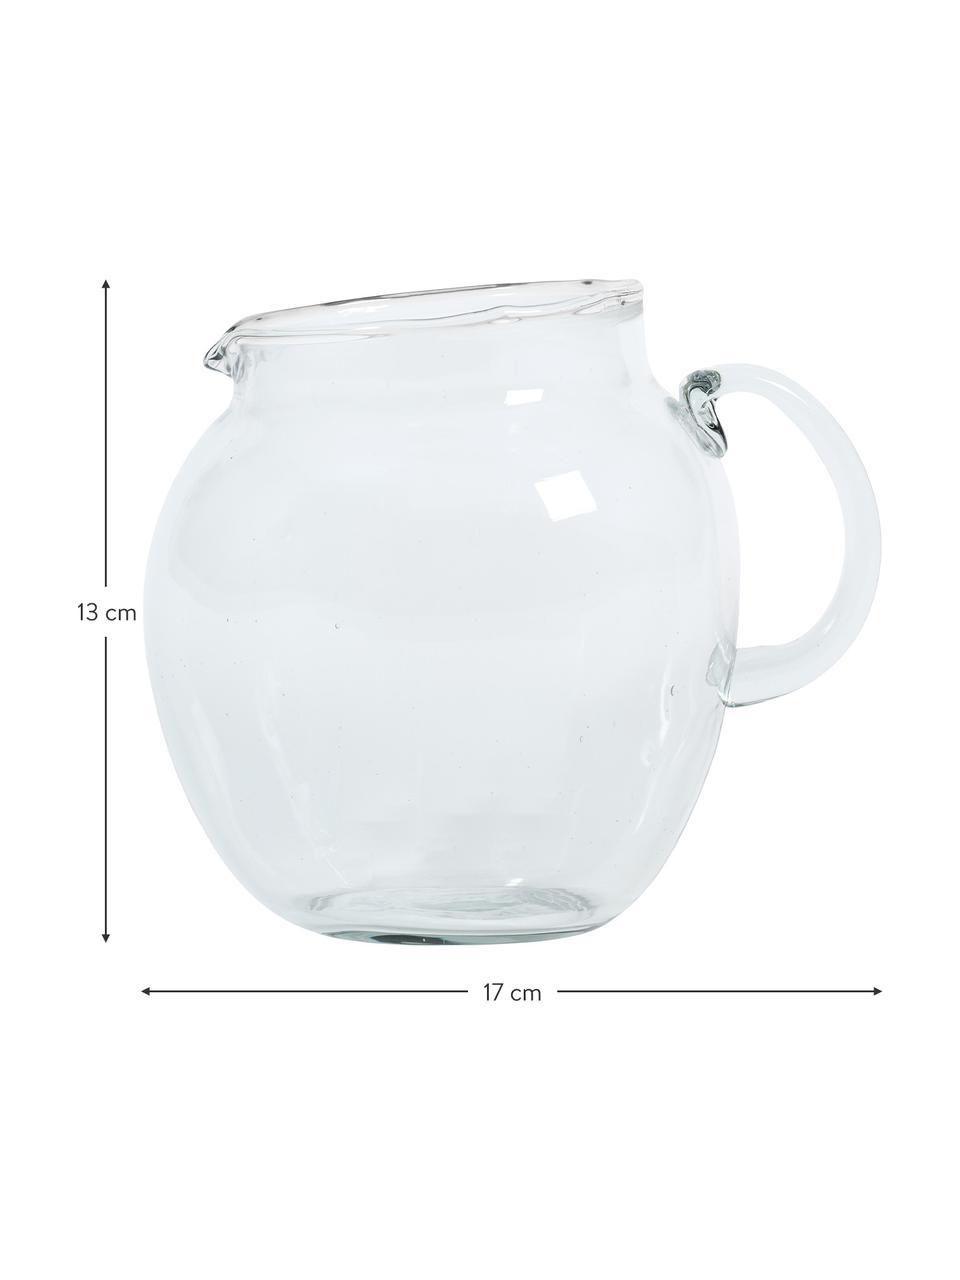 Jarra de vidrio reciclado Unexpected, 3 L, Vidrio reciclado, Transparente, An 17 x Al 13 cm